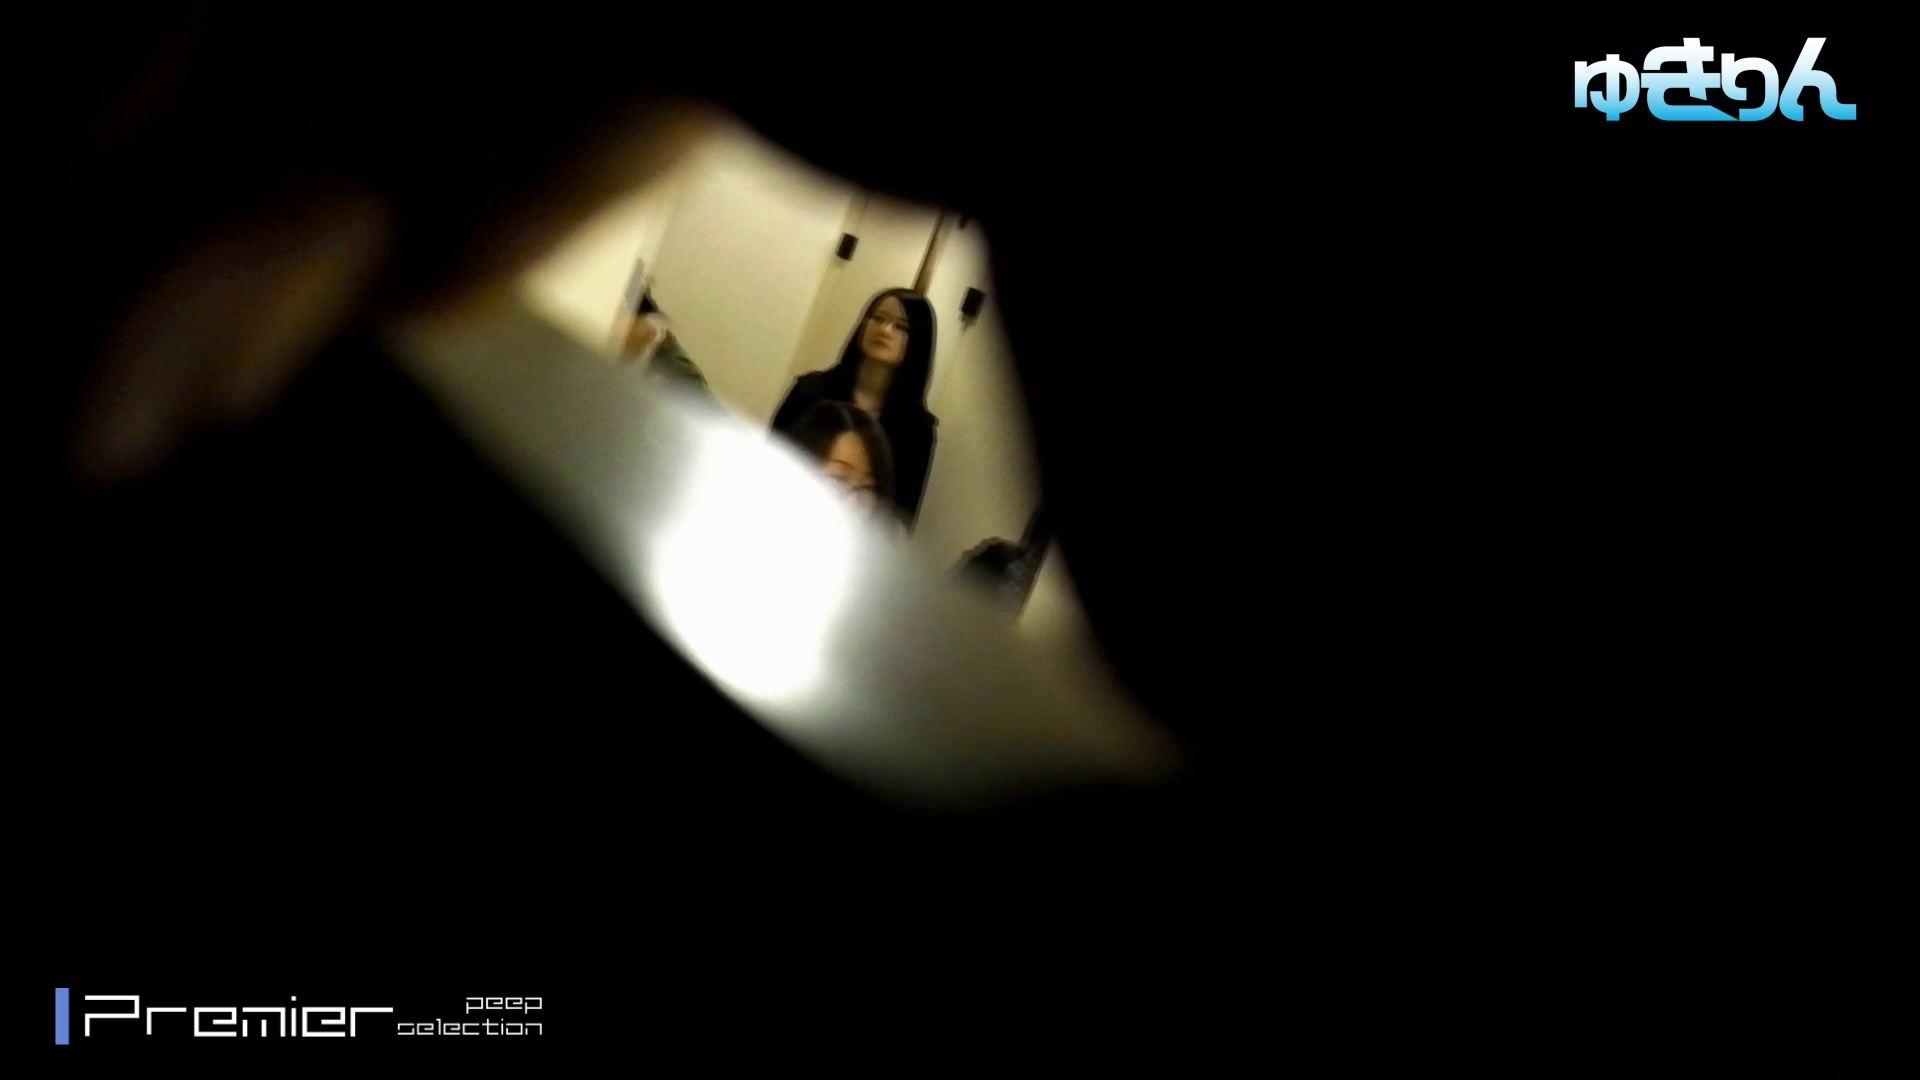 新世界の射窓 No95 高画質 セックス画像 112枚 22